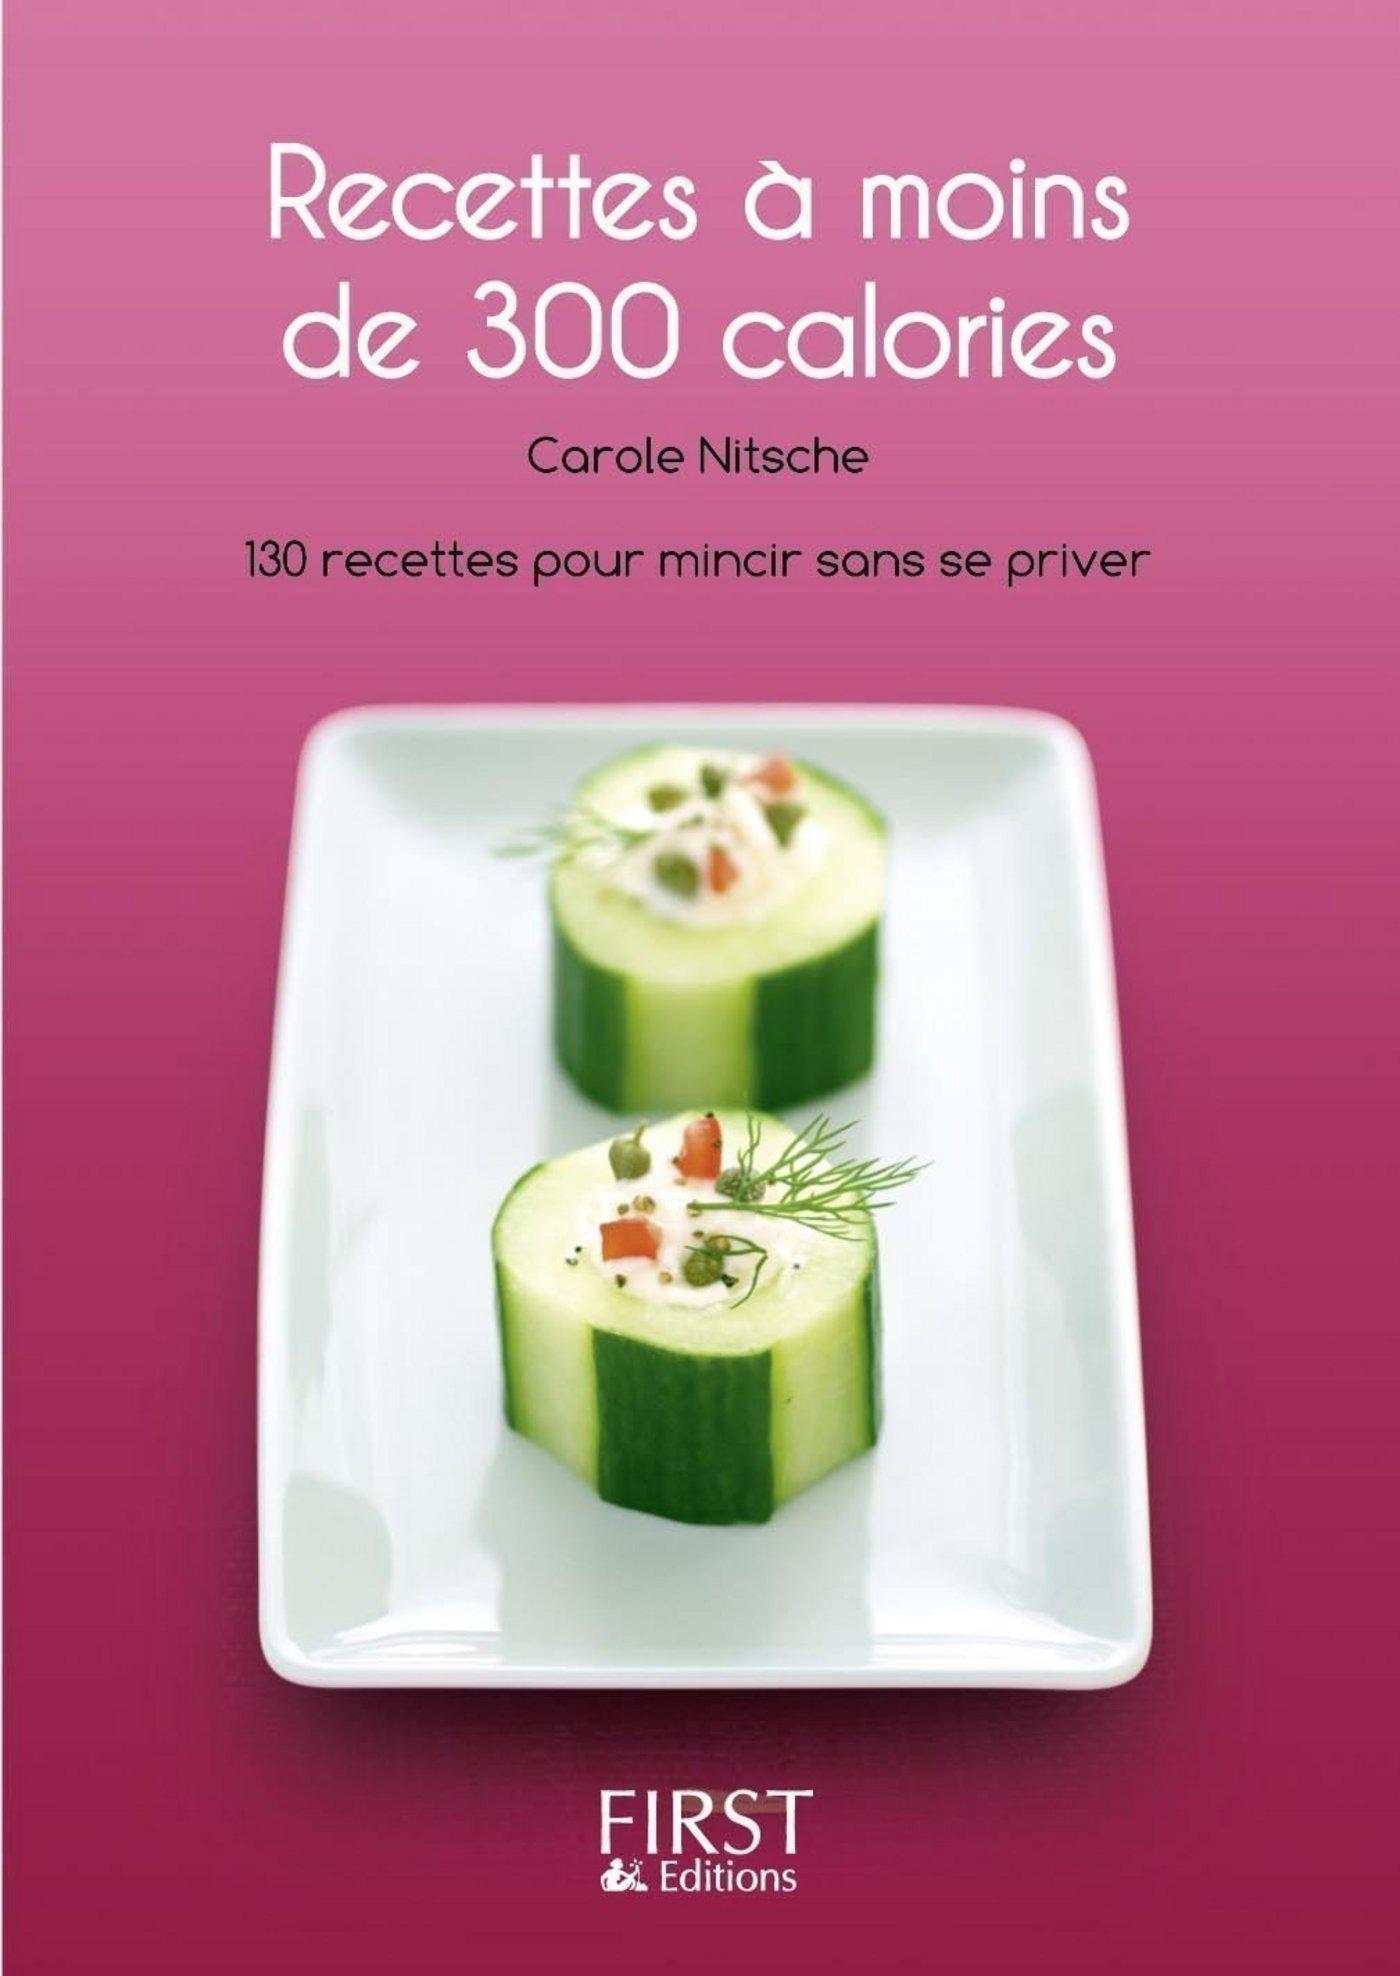 Le Petit Livre de - Recettes à moins de 300 calories